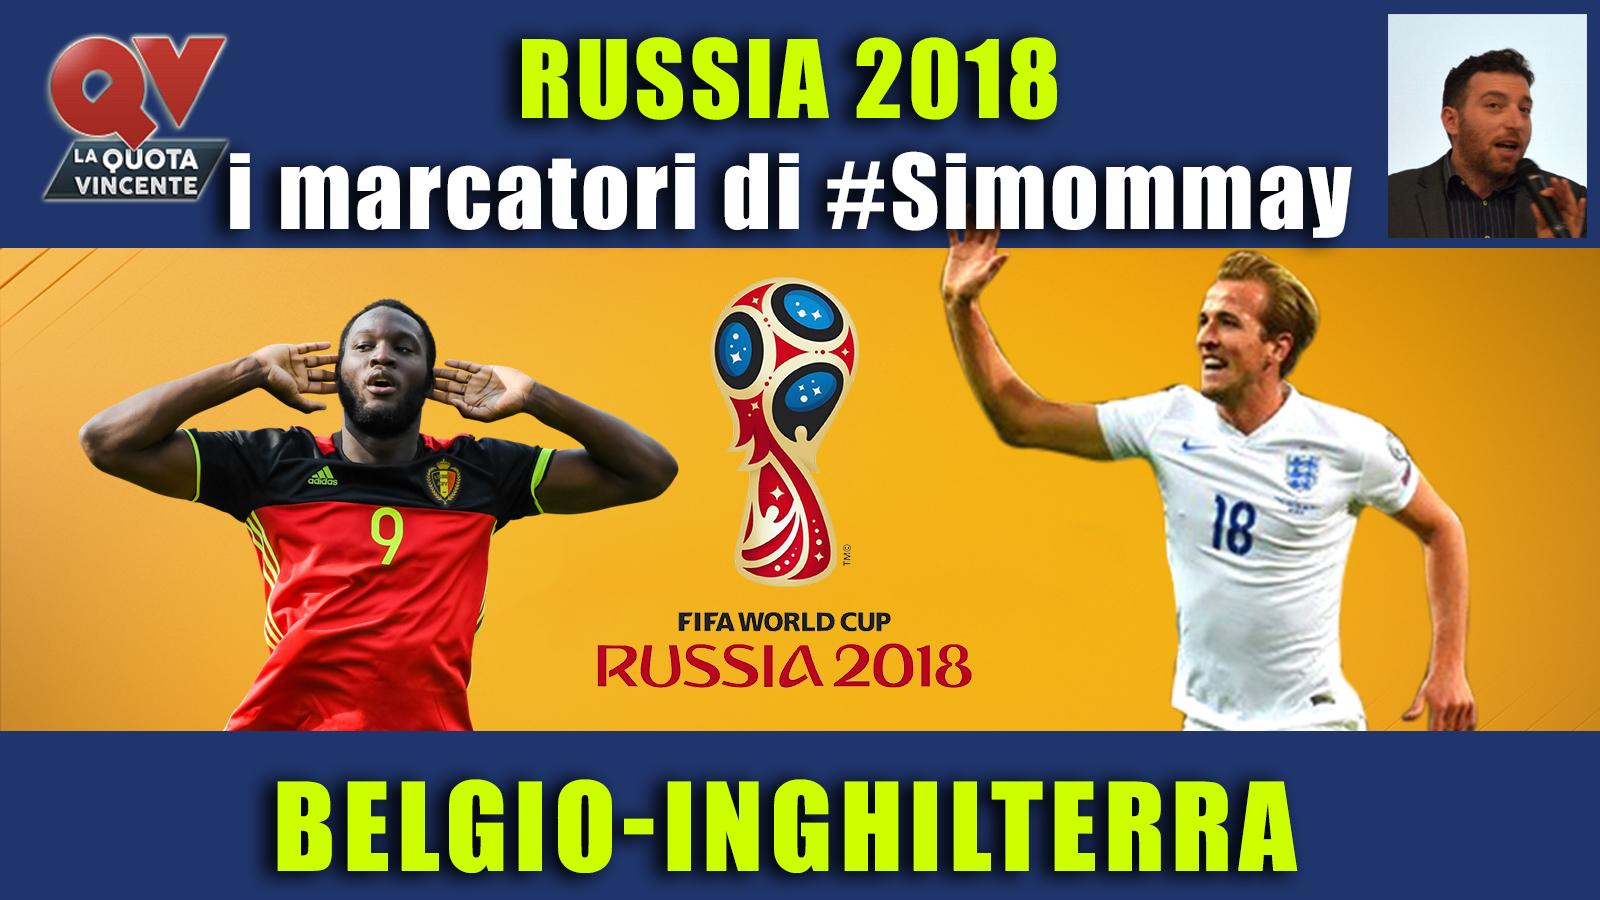 Pronostici marcatori Mondiali 14 luglio: i marcatori di #simommay